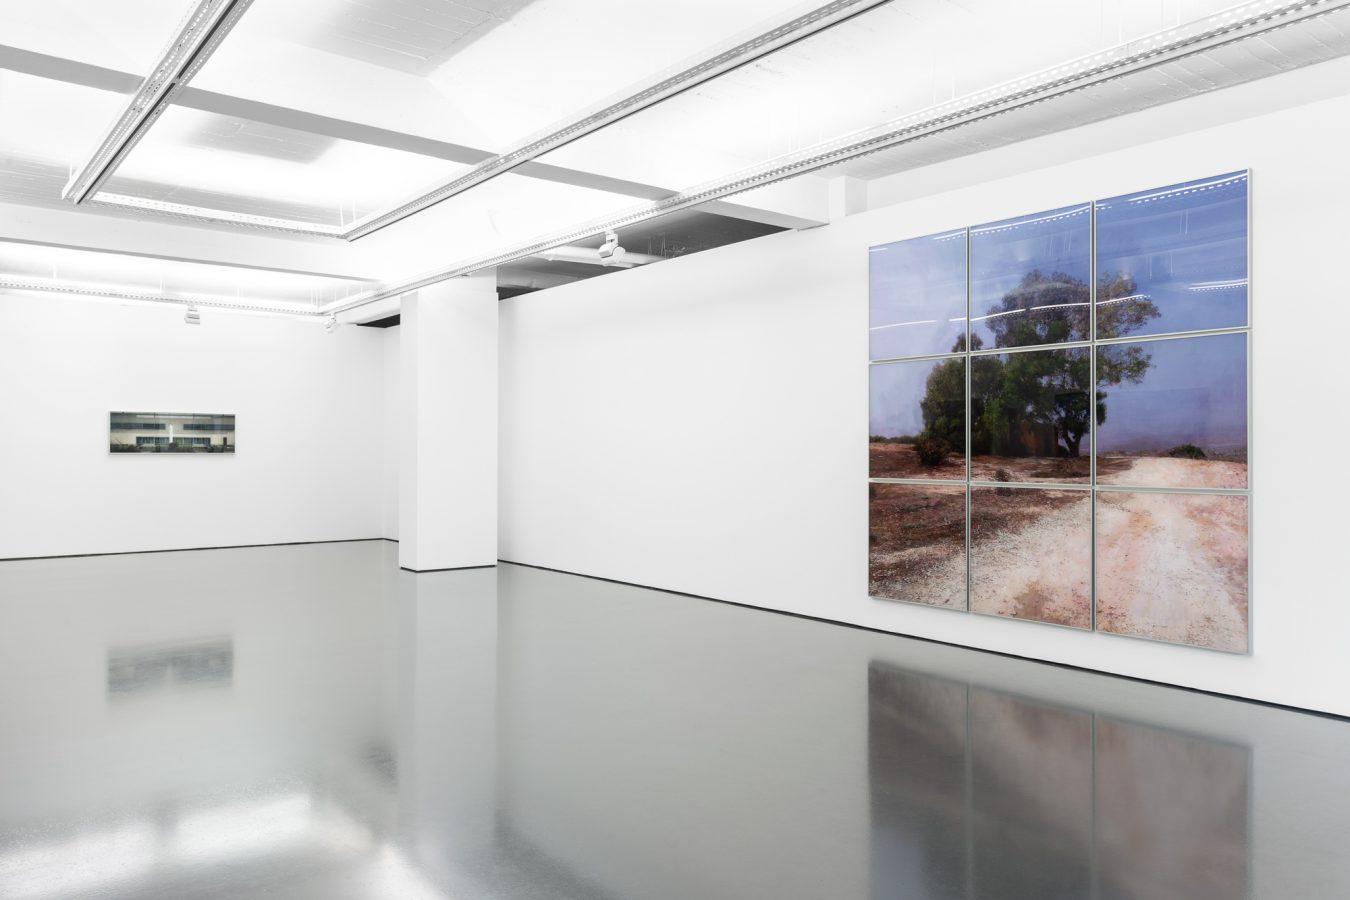 Galeria Pedro Cera – Gil Heitor Cortesão - Locus